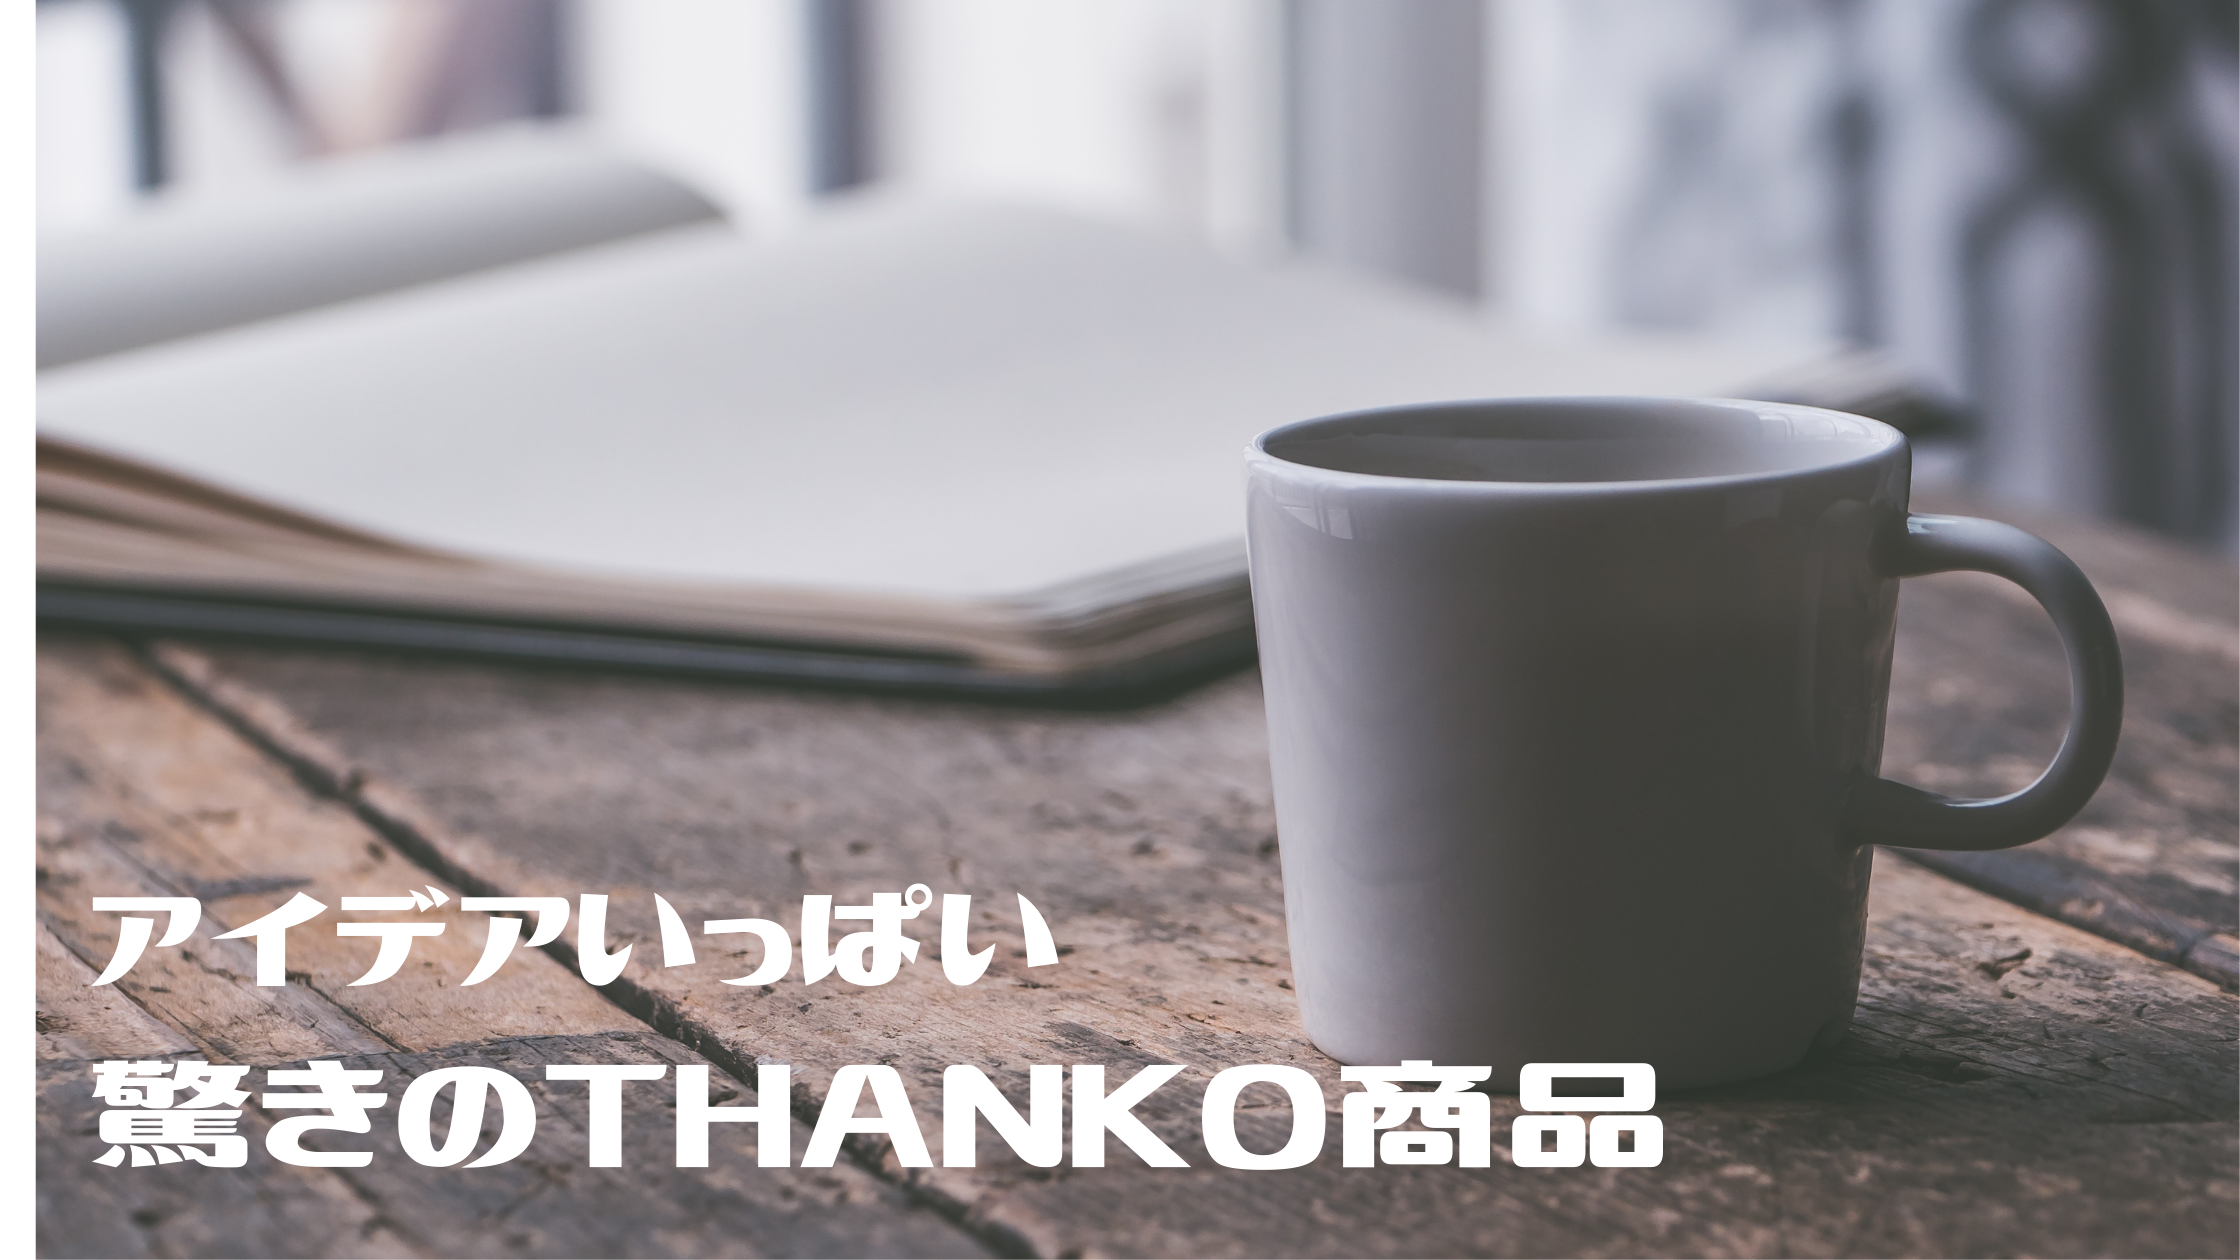 【王様のブランチ】アイデア満載THANKO商品【おすすめ6選】